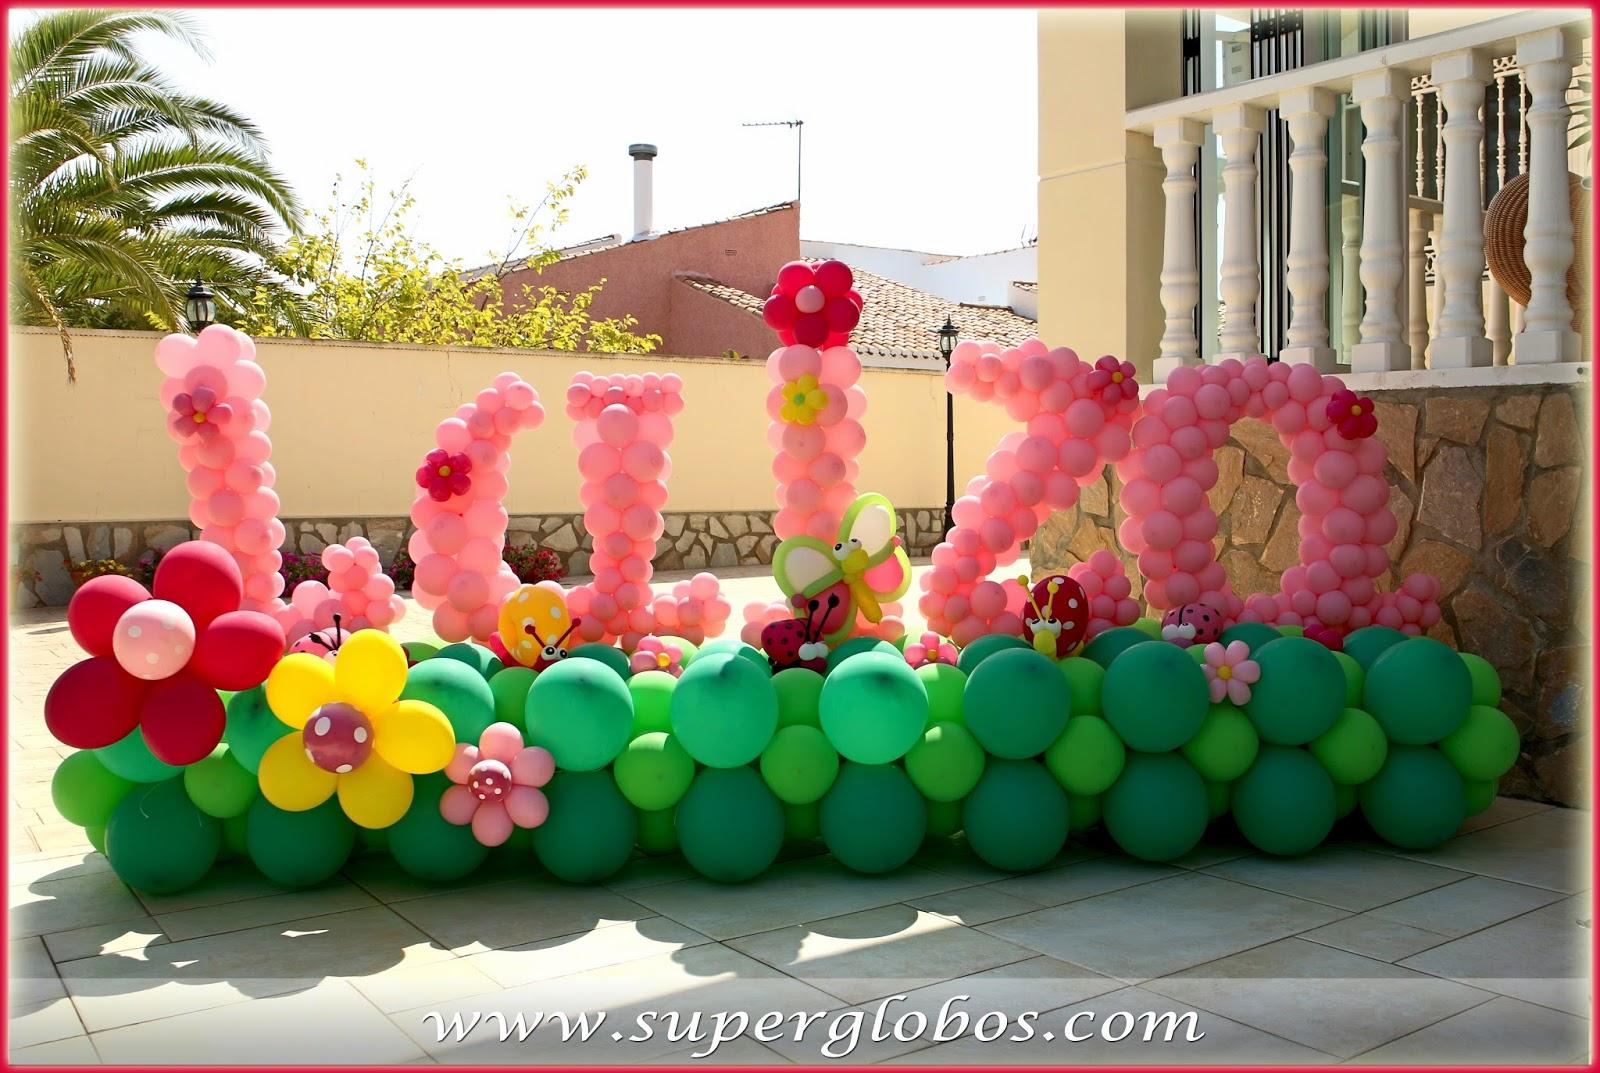 Decoraci n con globos para eventos y fiestas superglobos - Adornos de globos ...